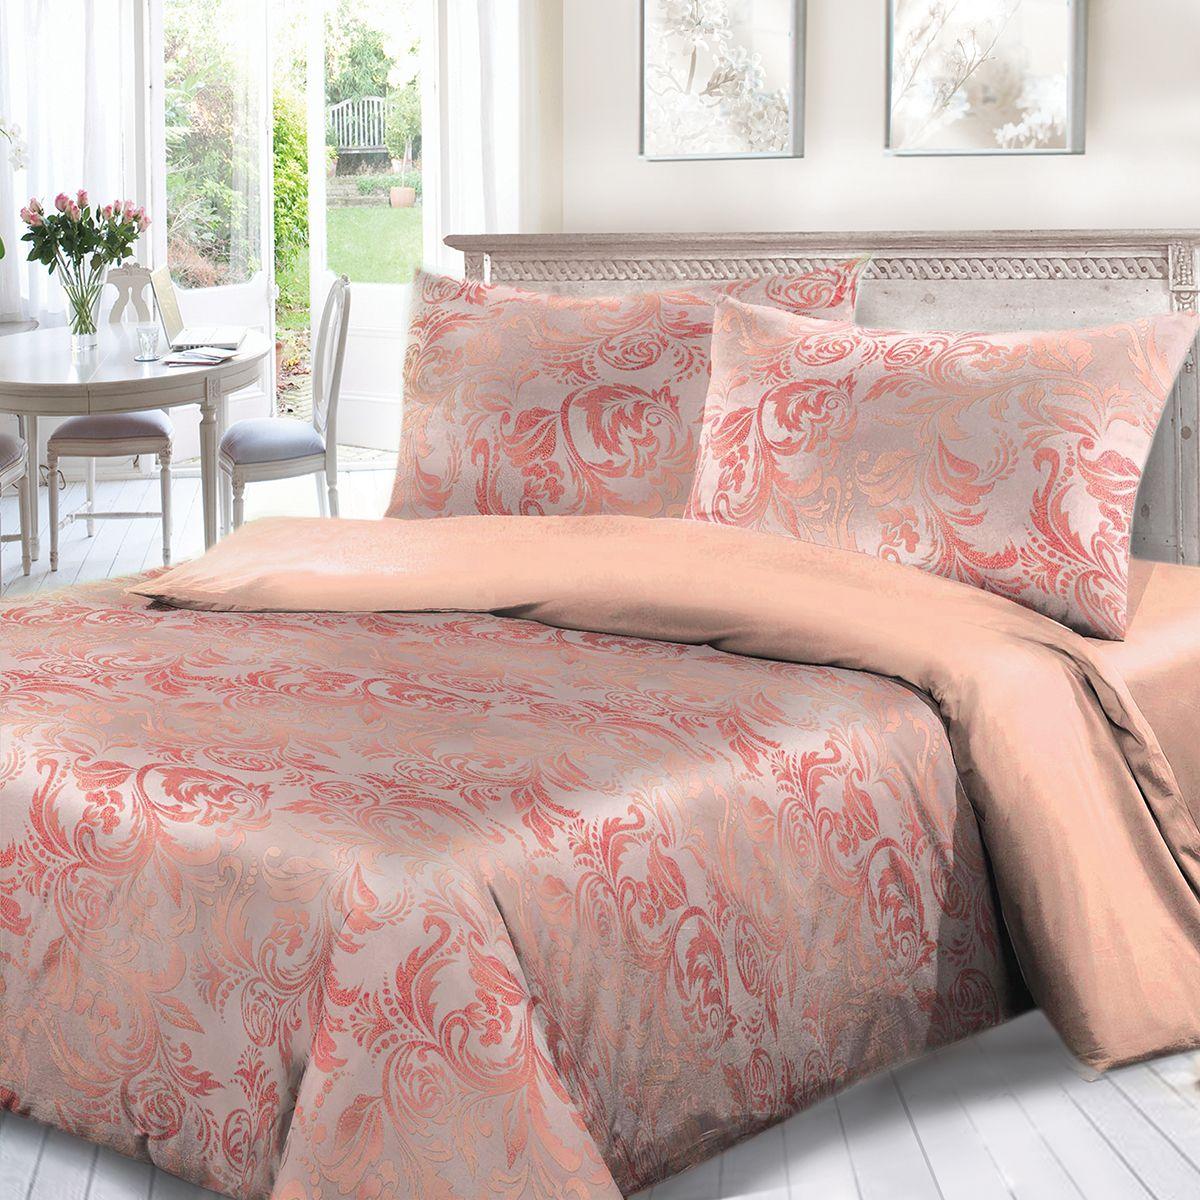 Комплект белья Сорренто Мажор, 1,5 спальное, наволочки 70x70, цвет: розовый. 3963-187887